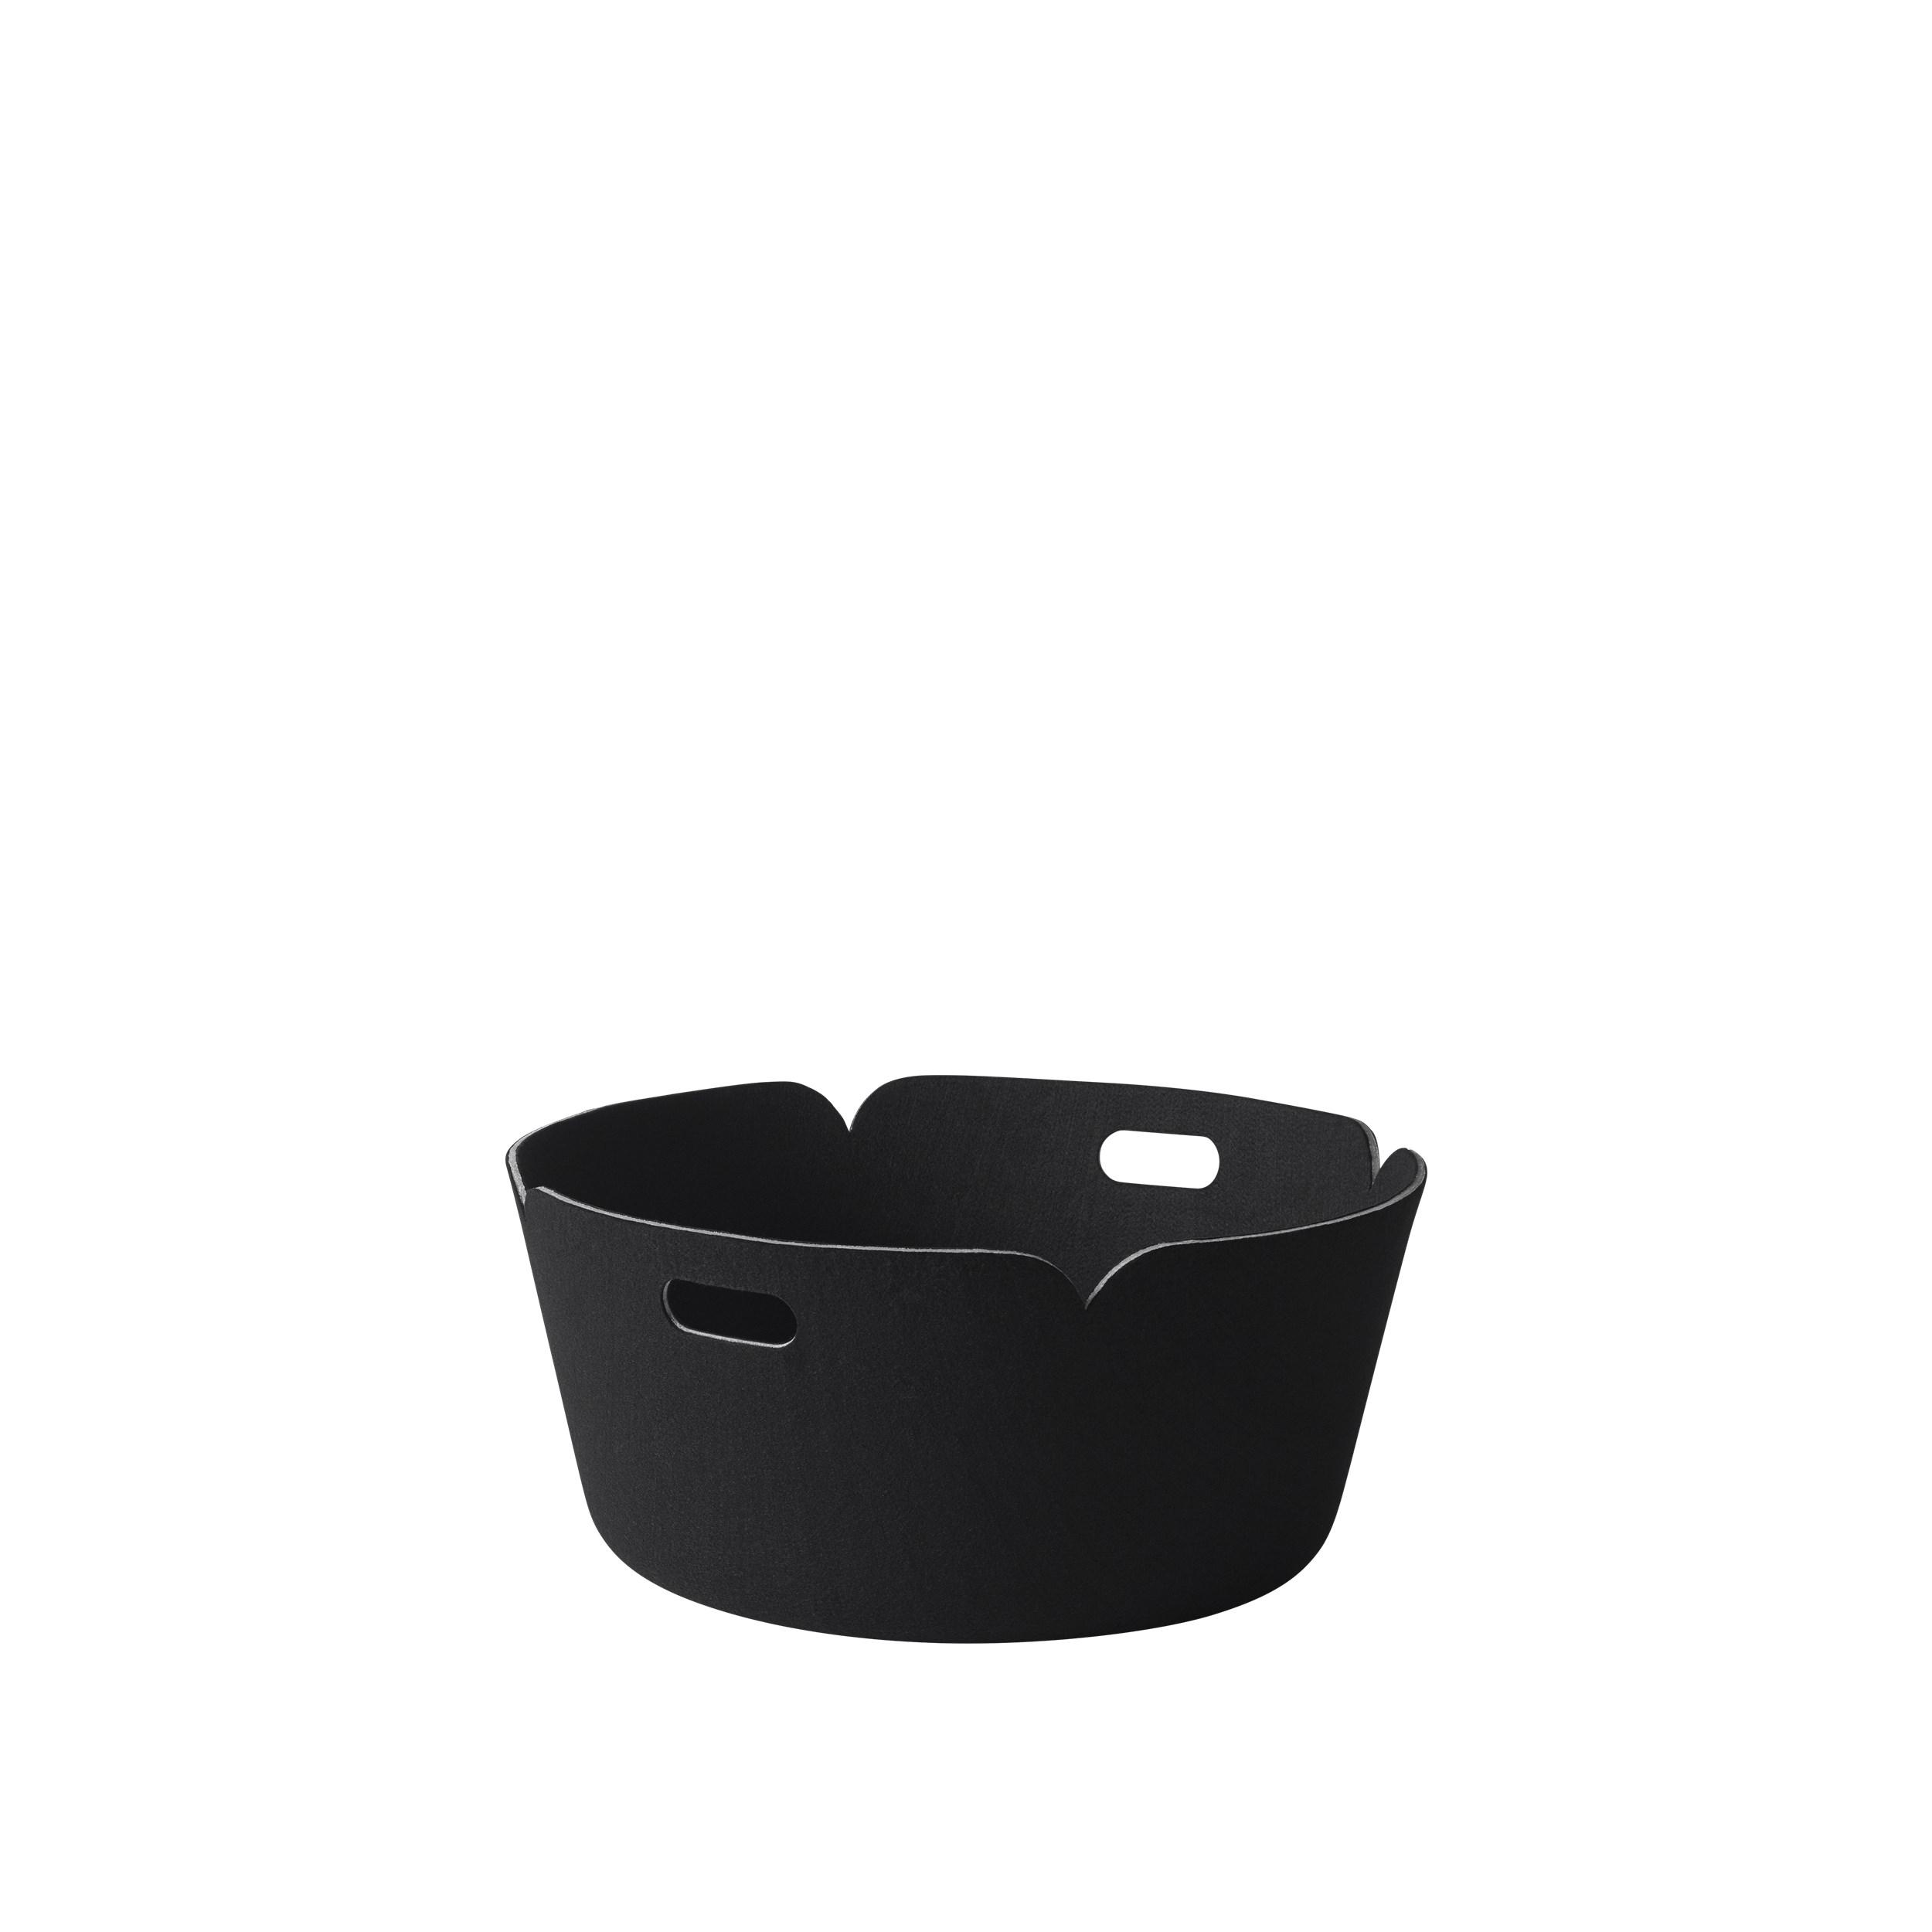 Restore basket round black